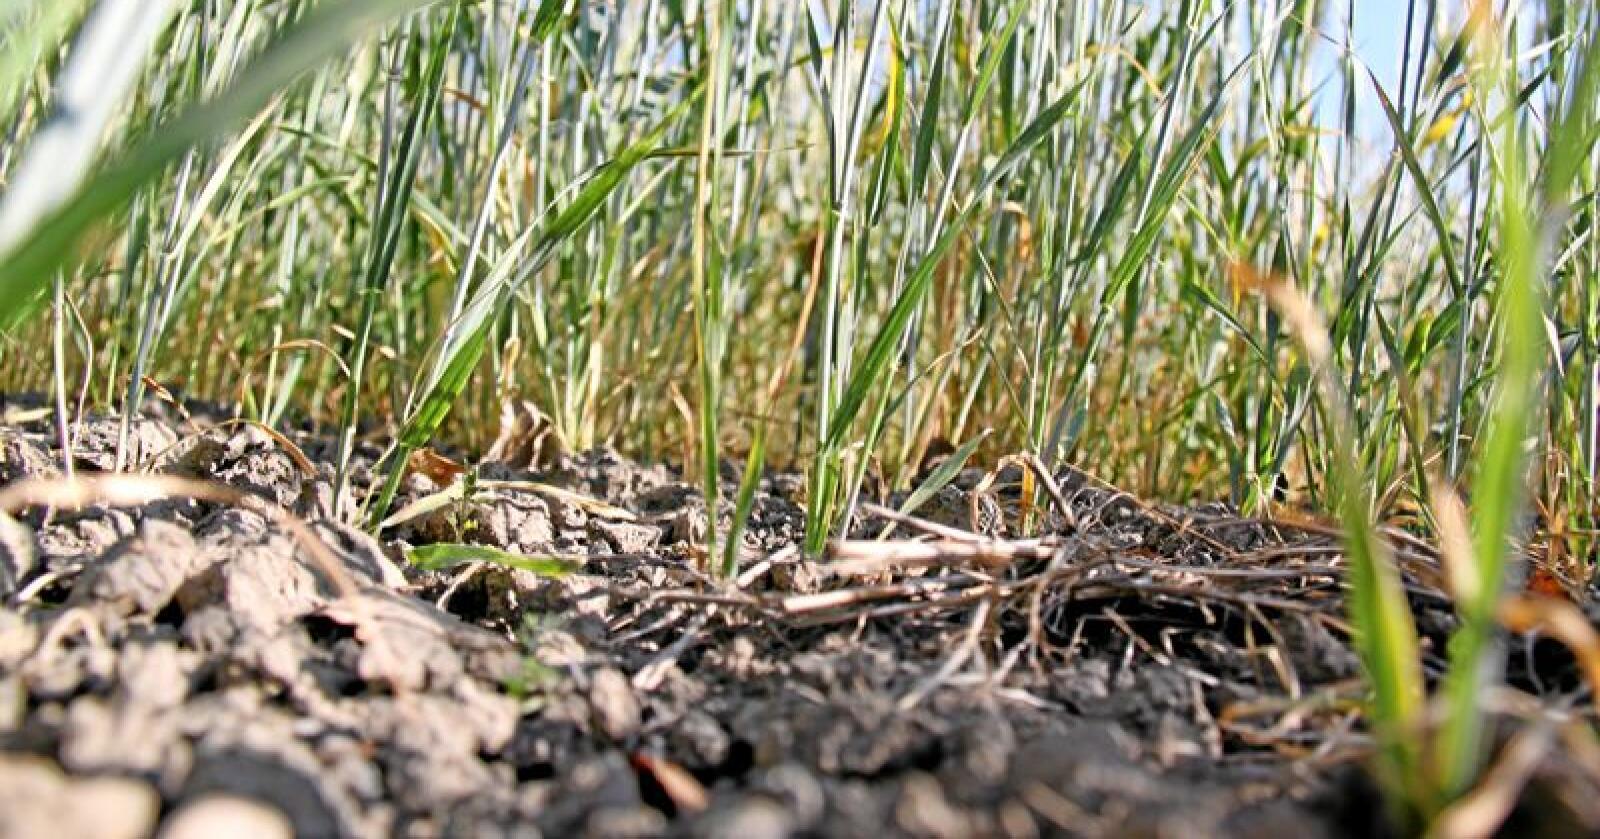 Plantesorter som takler tørke, slik som i fjor sommer, er blant det danskenes Det Etiske Råd mener er etisk problematisk å ikke tillate. Foto: Svein Egil Hatlevik